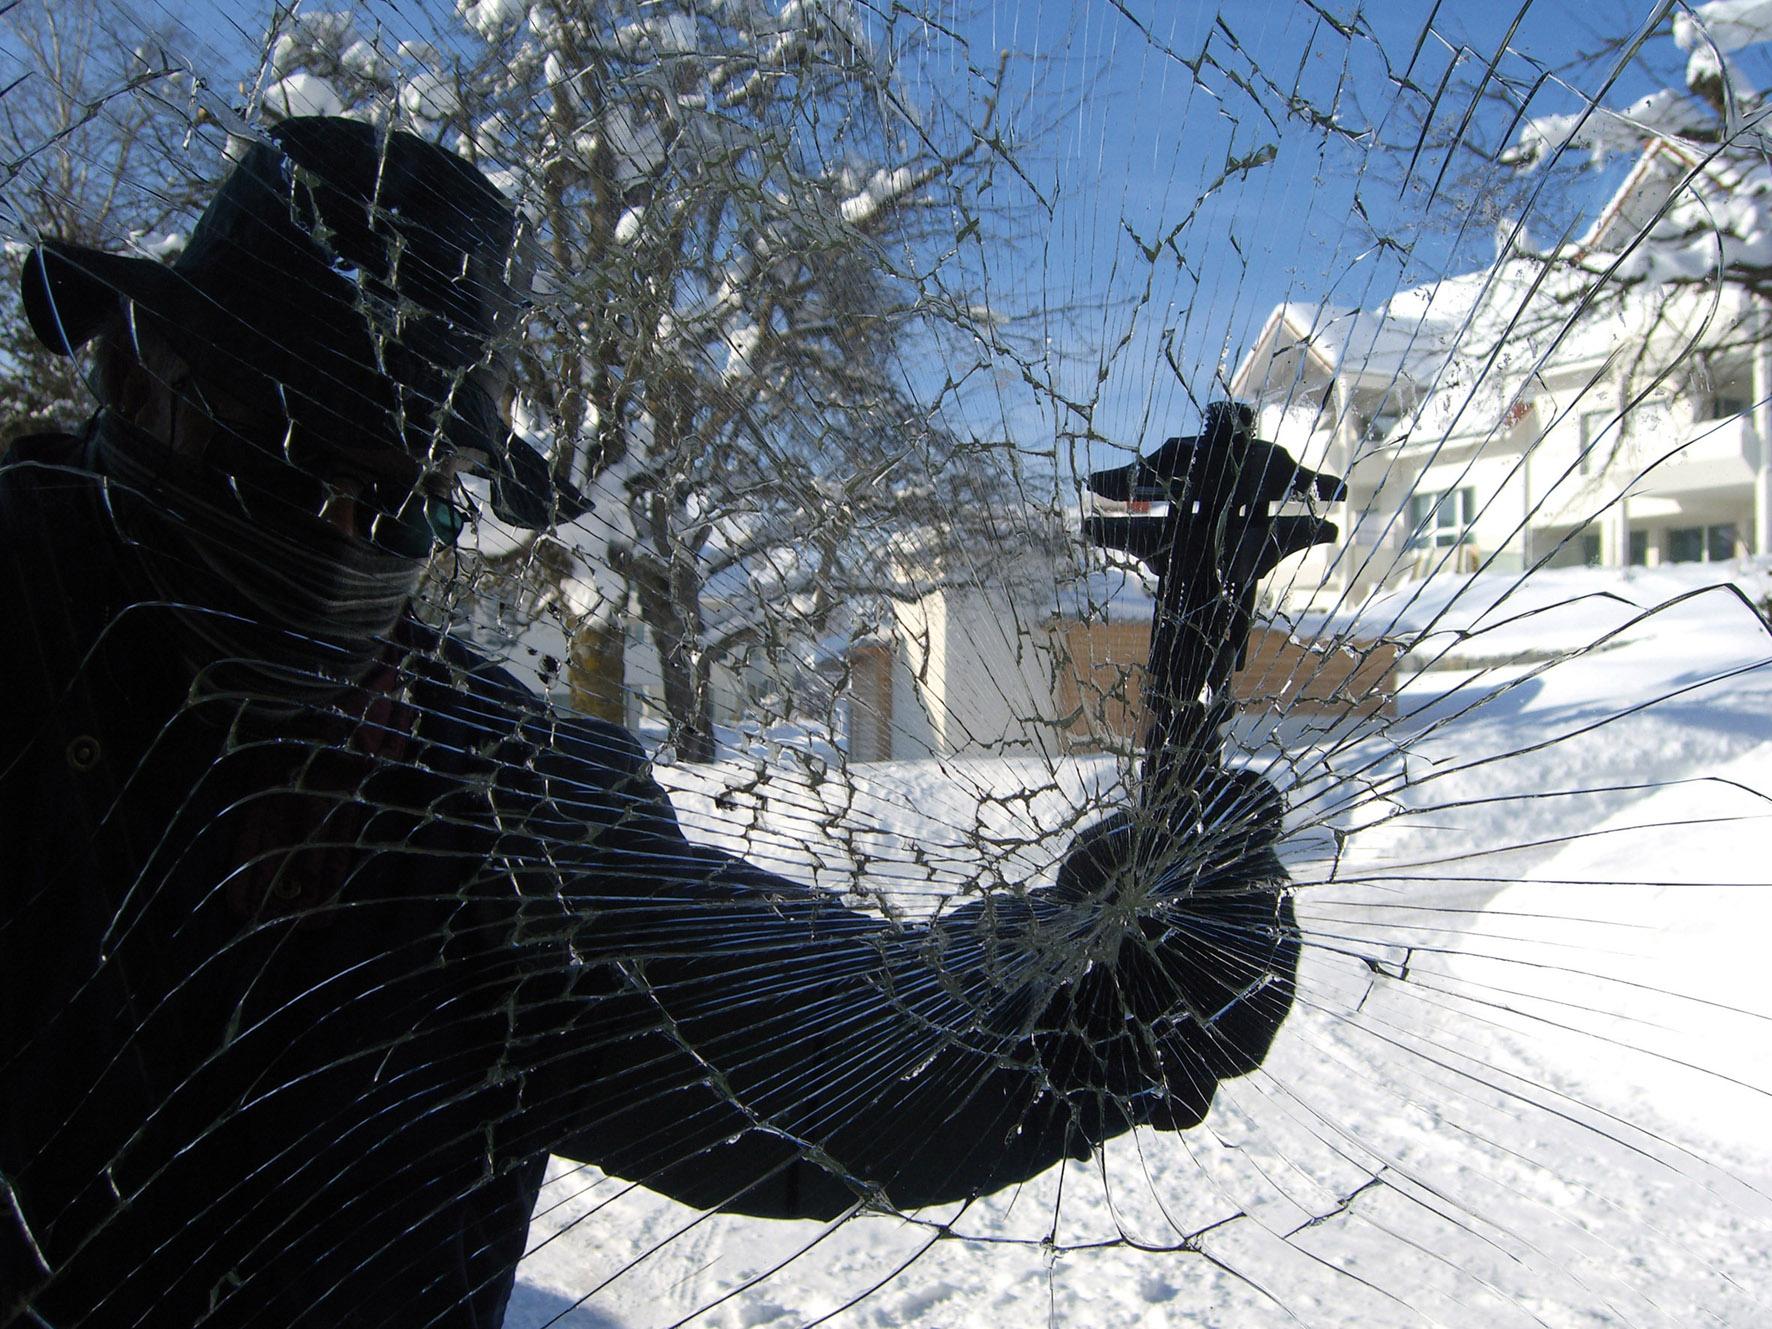 Einbruchschutzfolien von 3m zuverl ssiger schutz vor for Fenster gegen einbruch schutzen